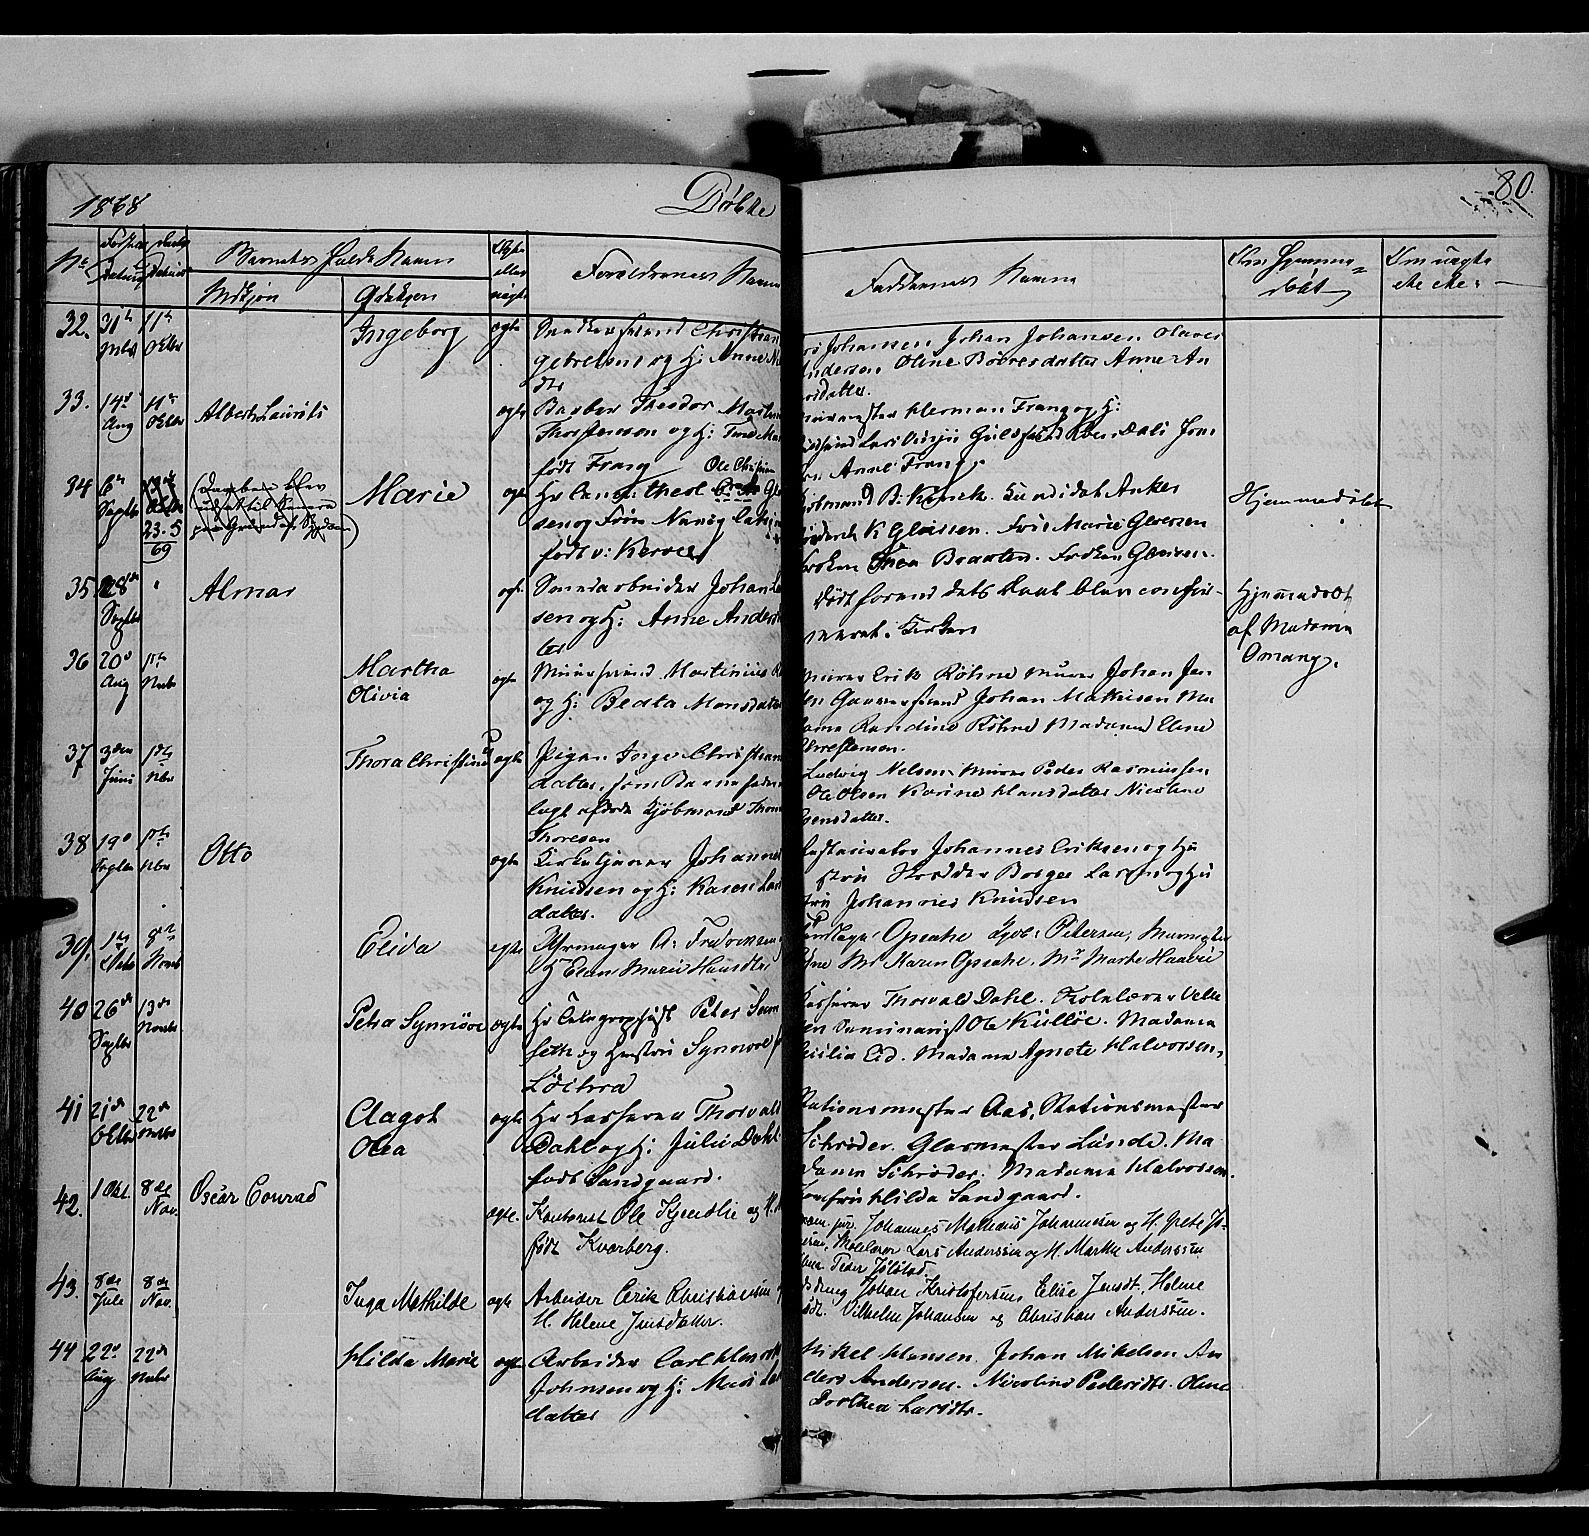 SAH, Vang prestekontor, Hedmark, H/Ha/Haa/L0011: Ministerialbok nr. 11, 1852-1877, s. 80